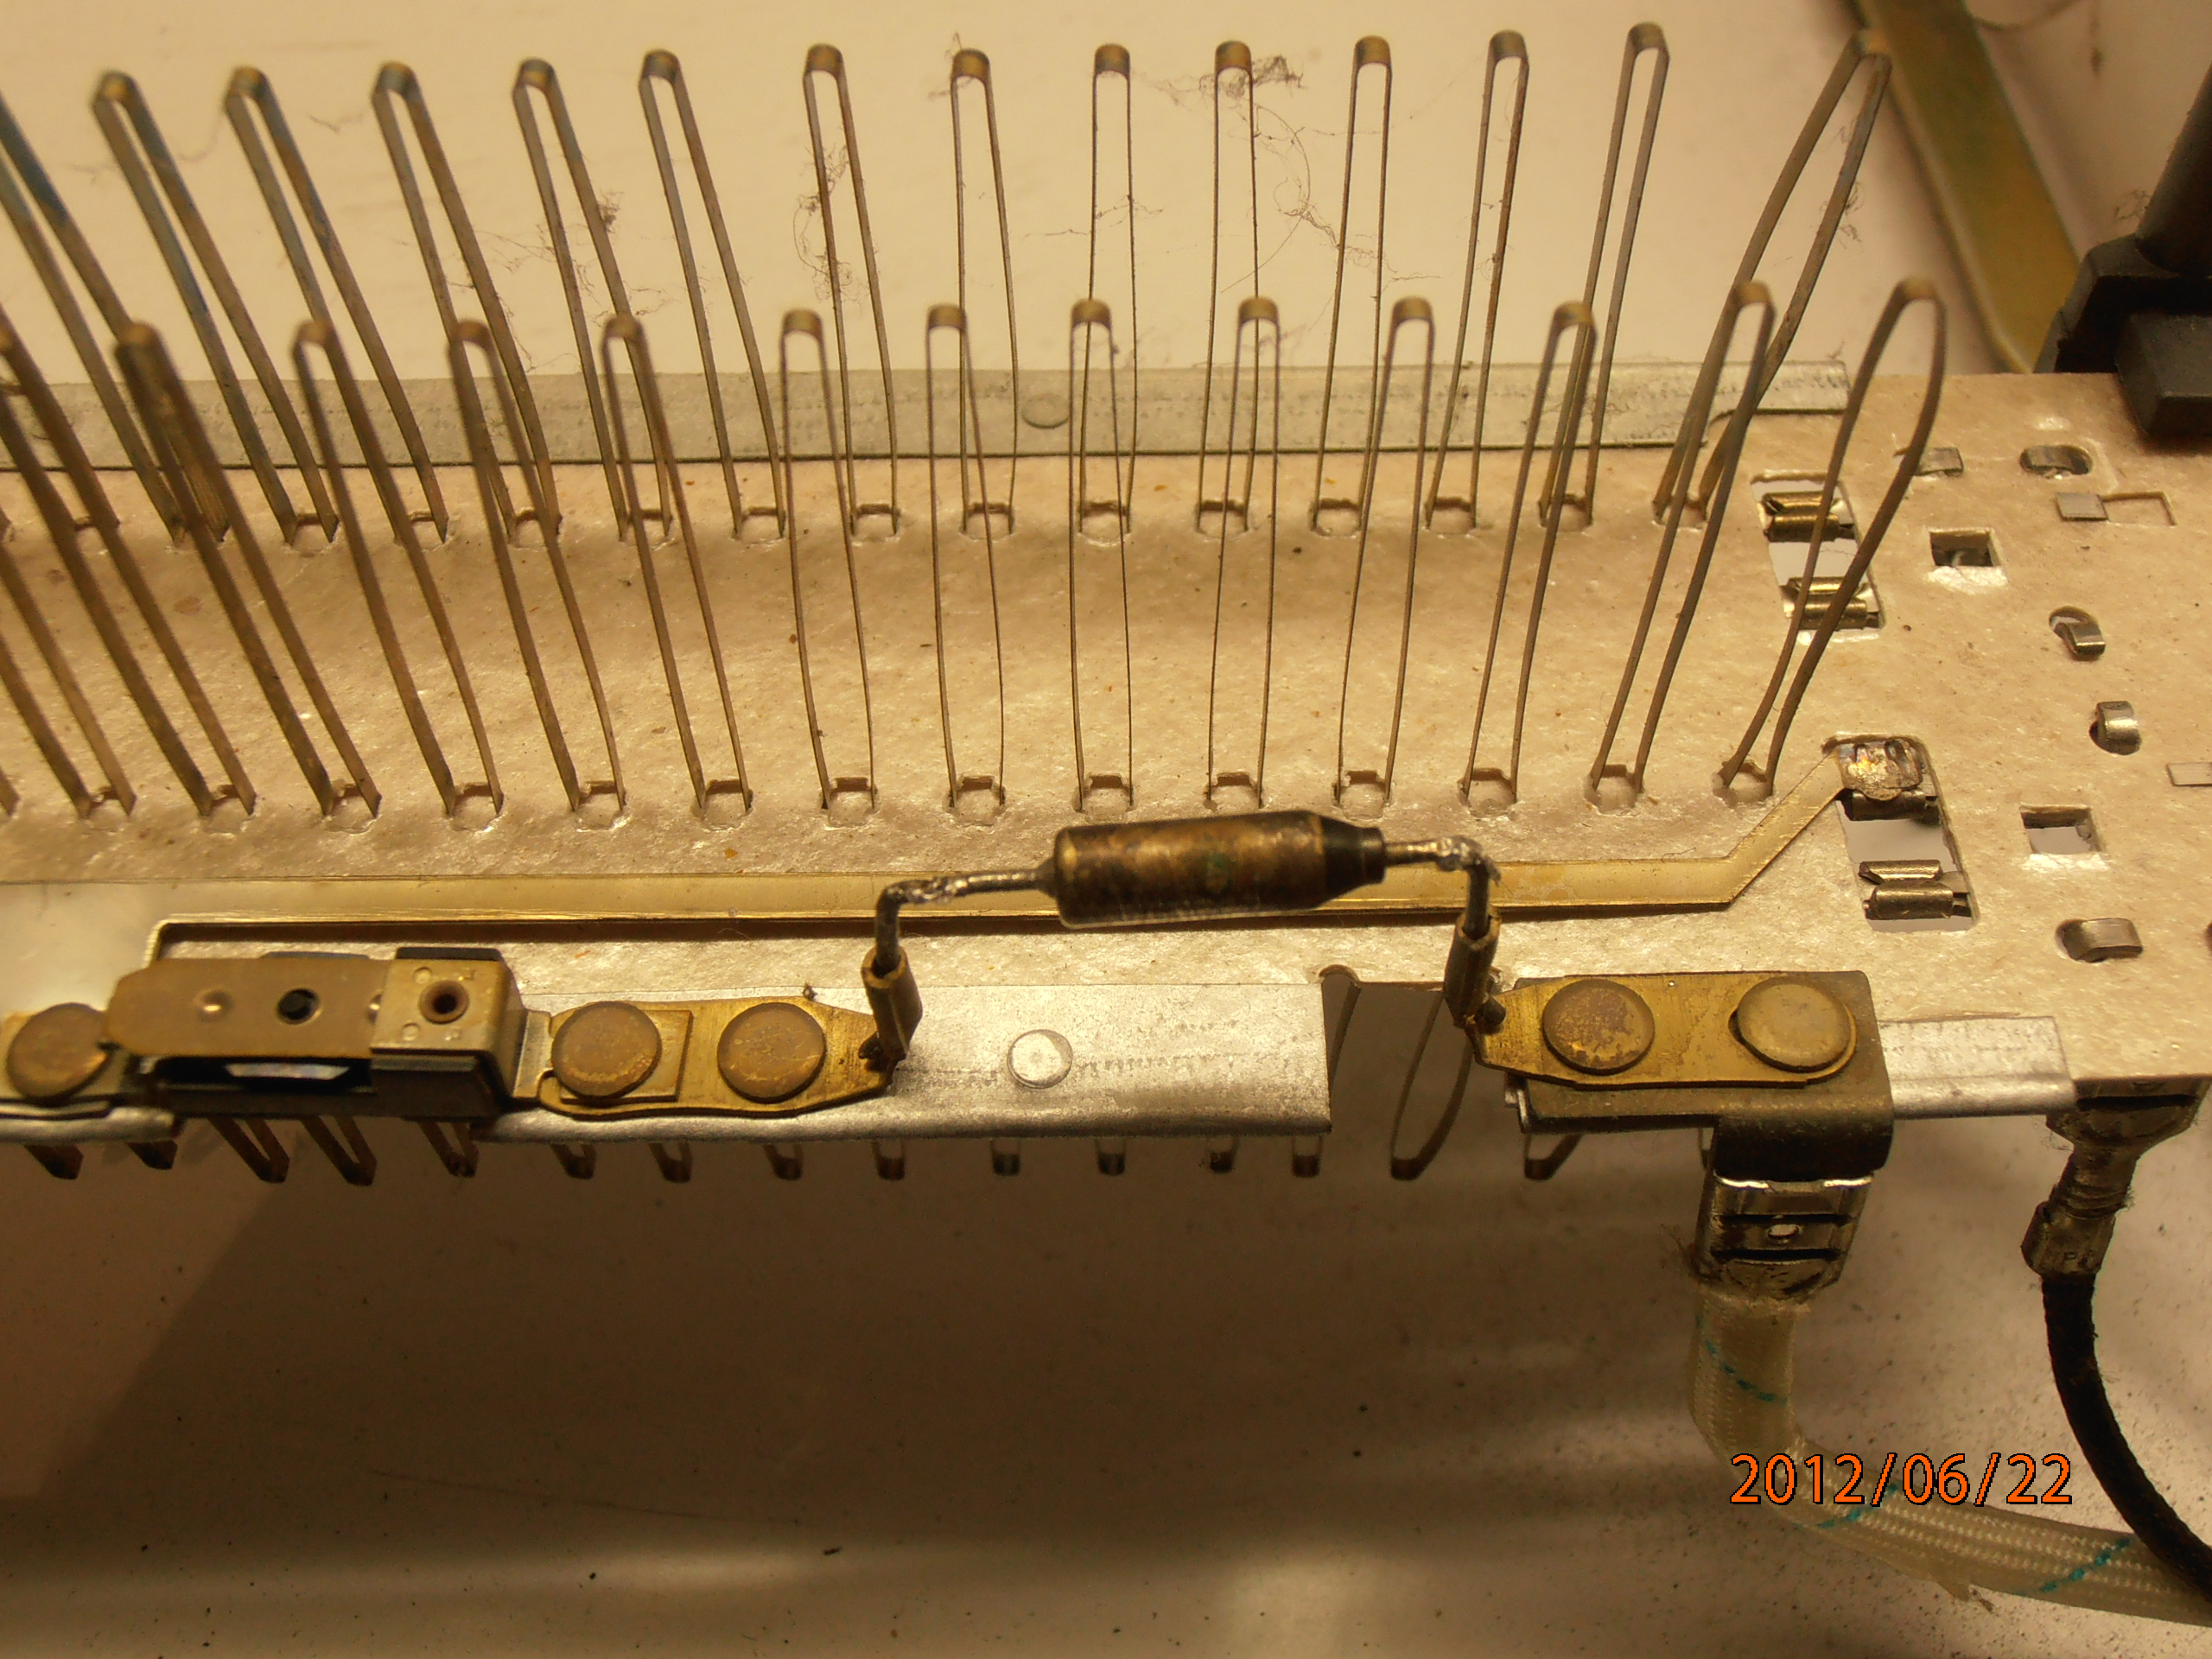 Ogrzewacz konwektorowy - Co to za element ?